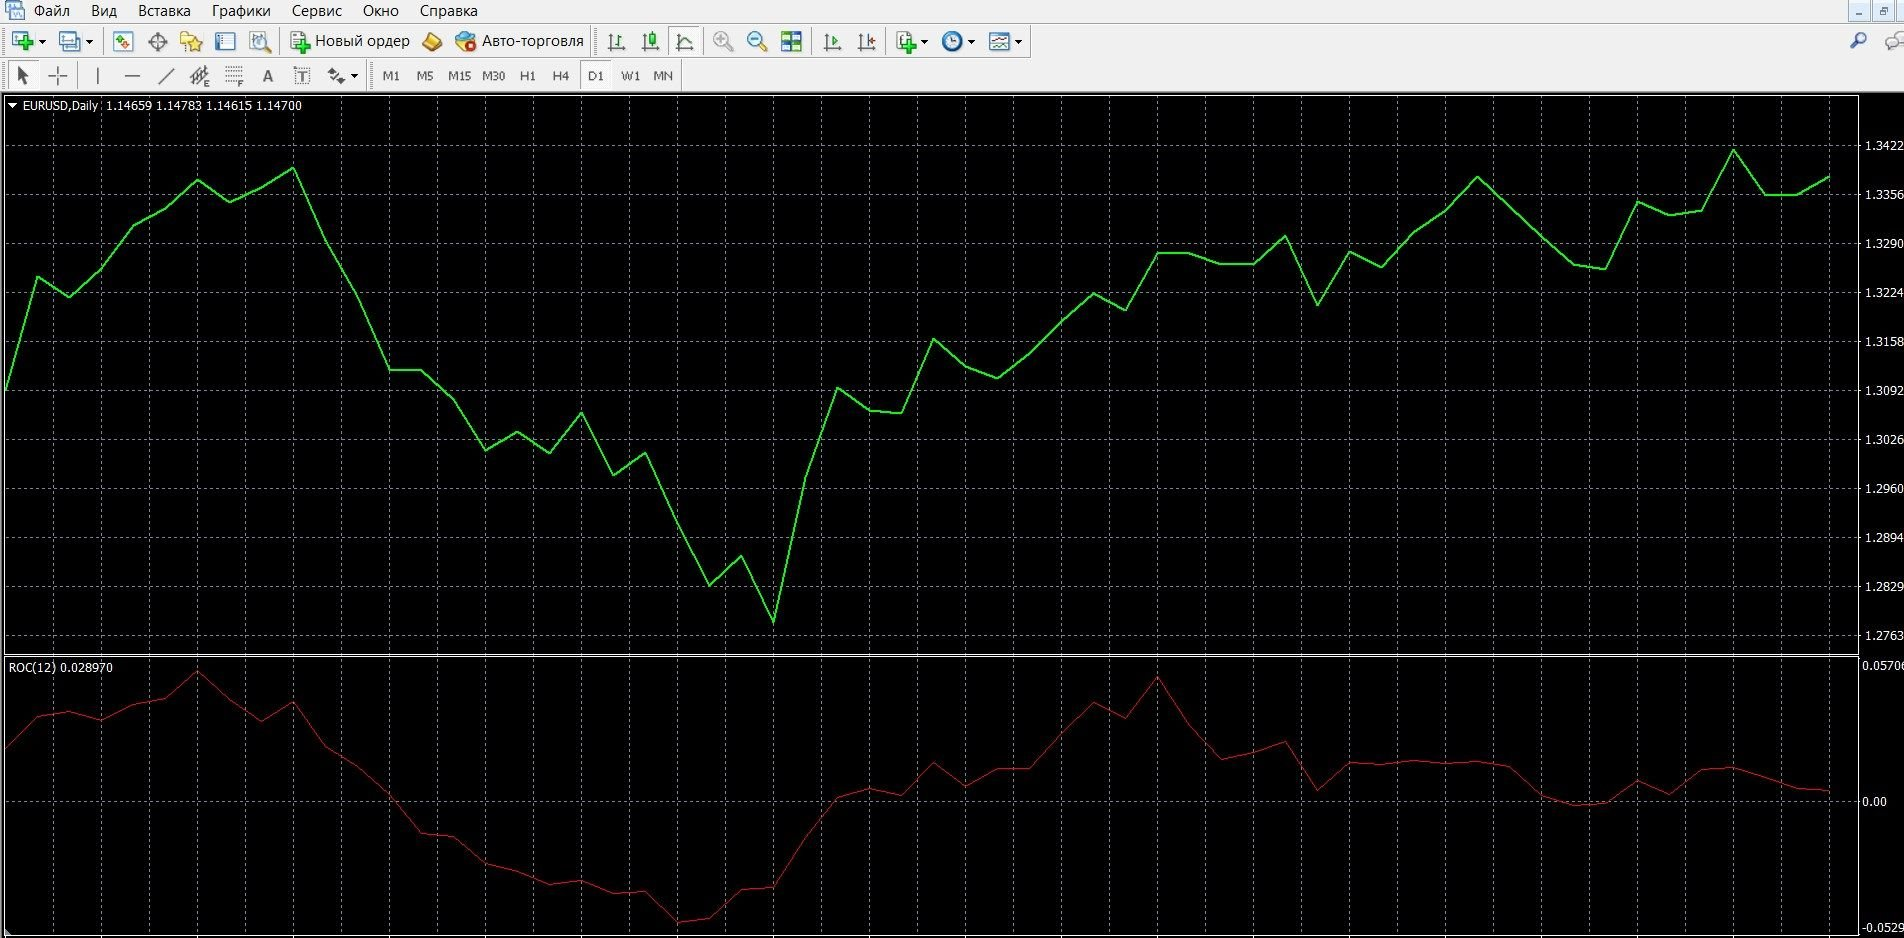 Индикатор Скорость изменения (Rate of Change, ROC)